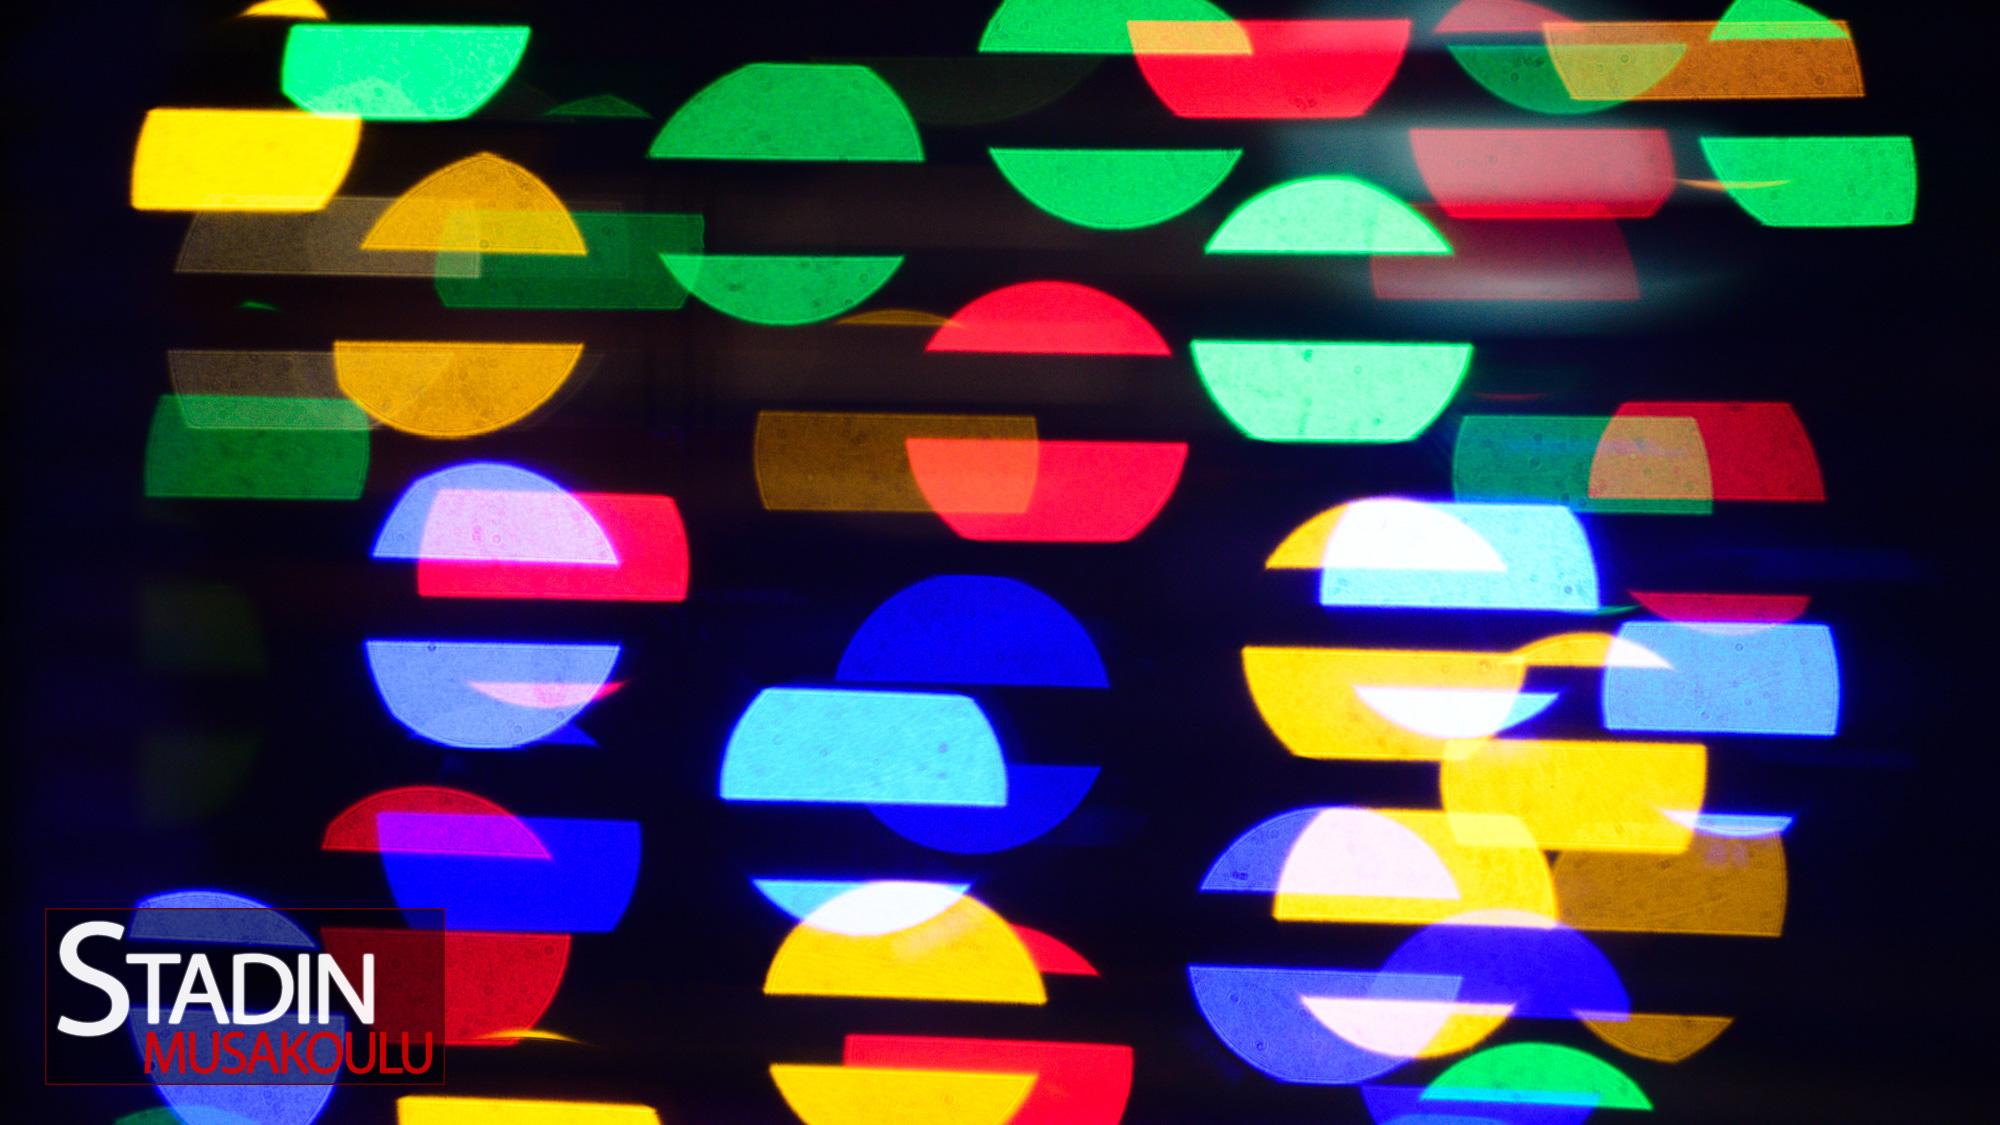 Värikkäitä valoja